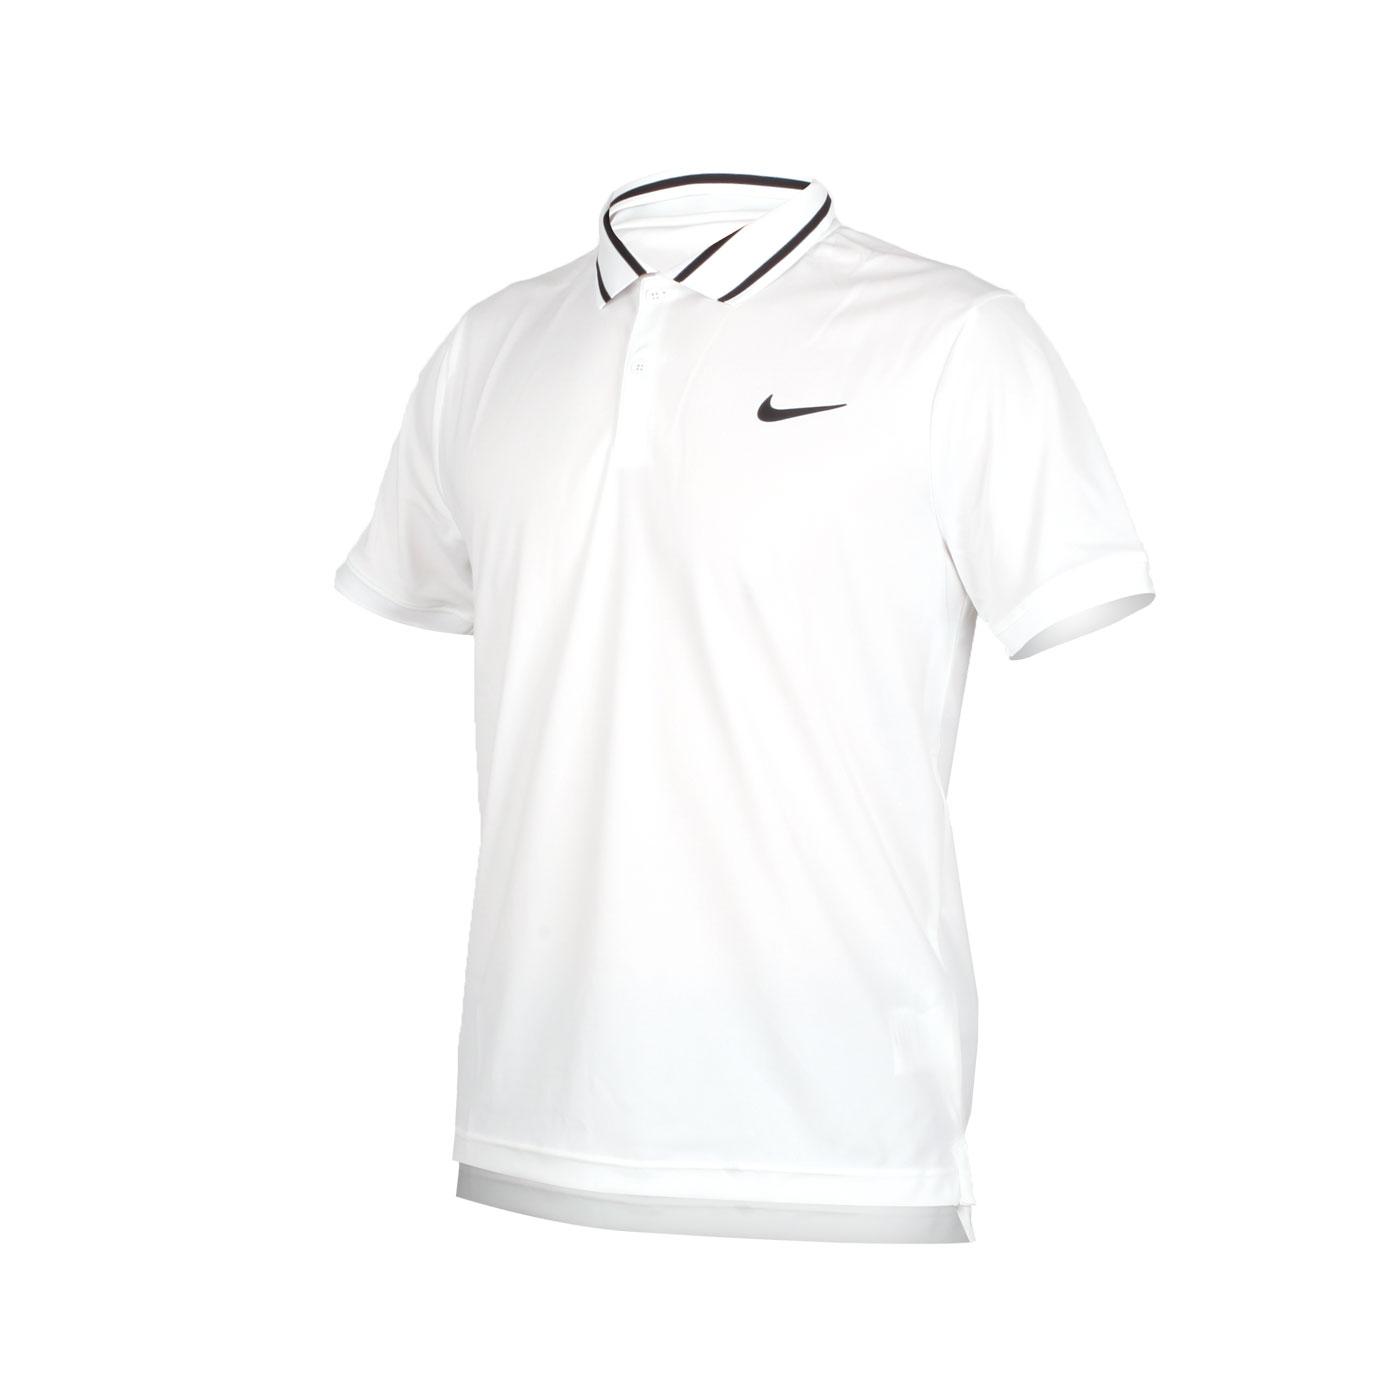 NIKE 男款短袖針織POLO衫 BV1195100 - 白黑